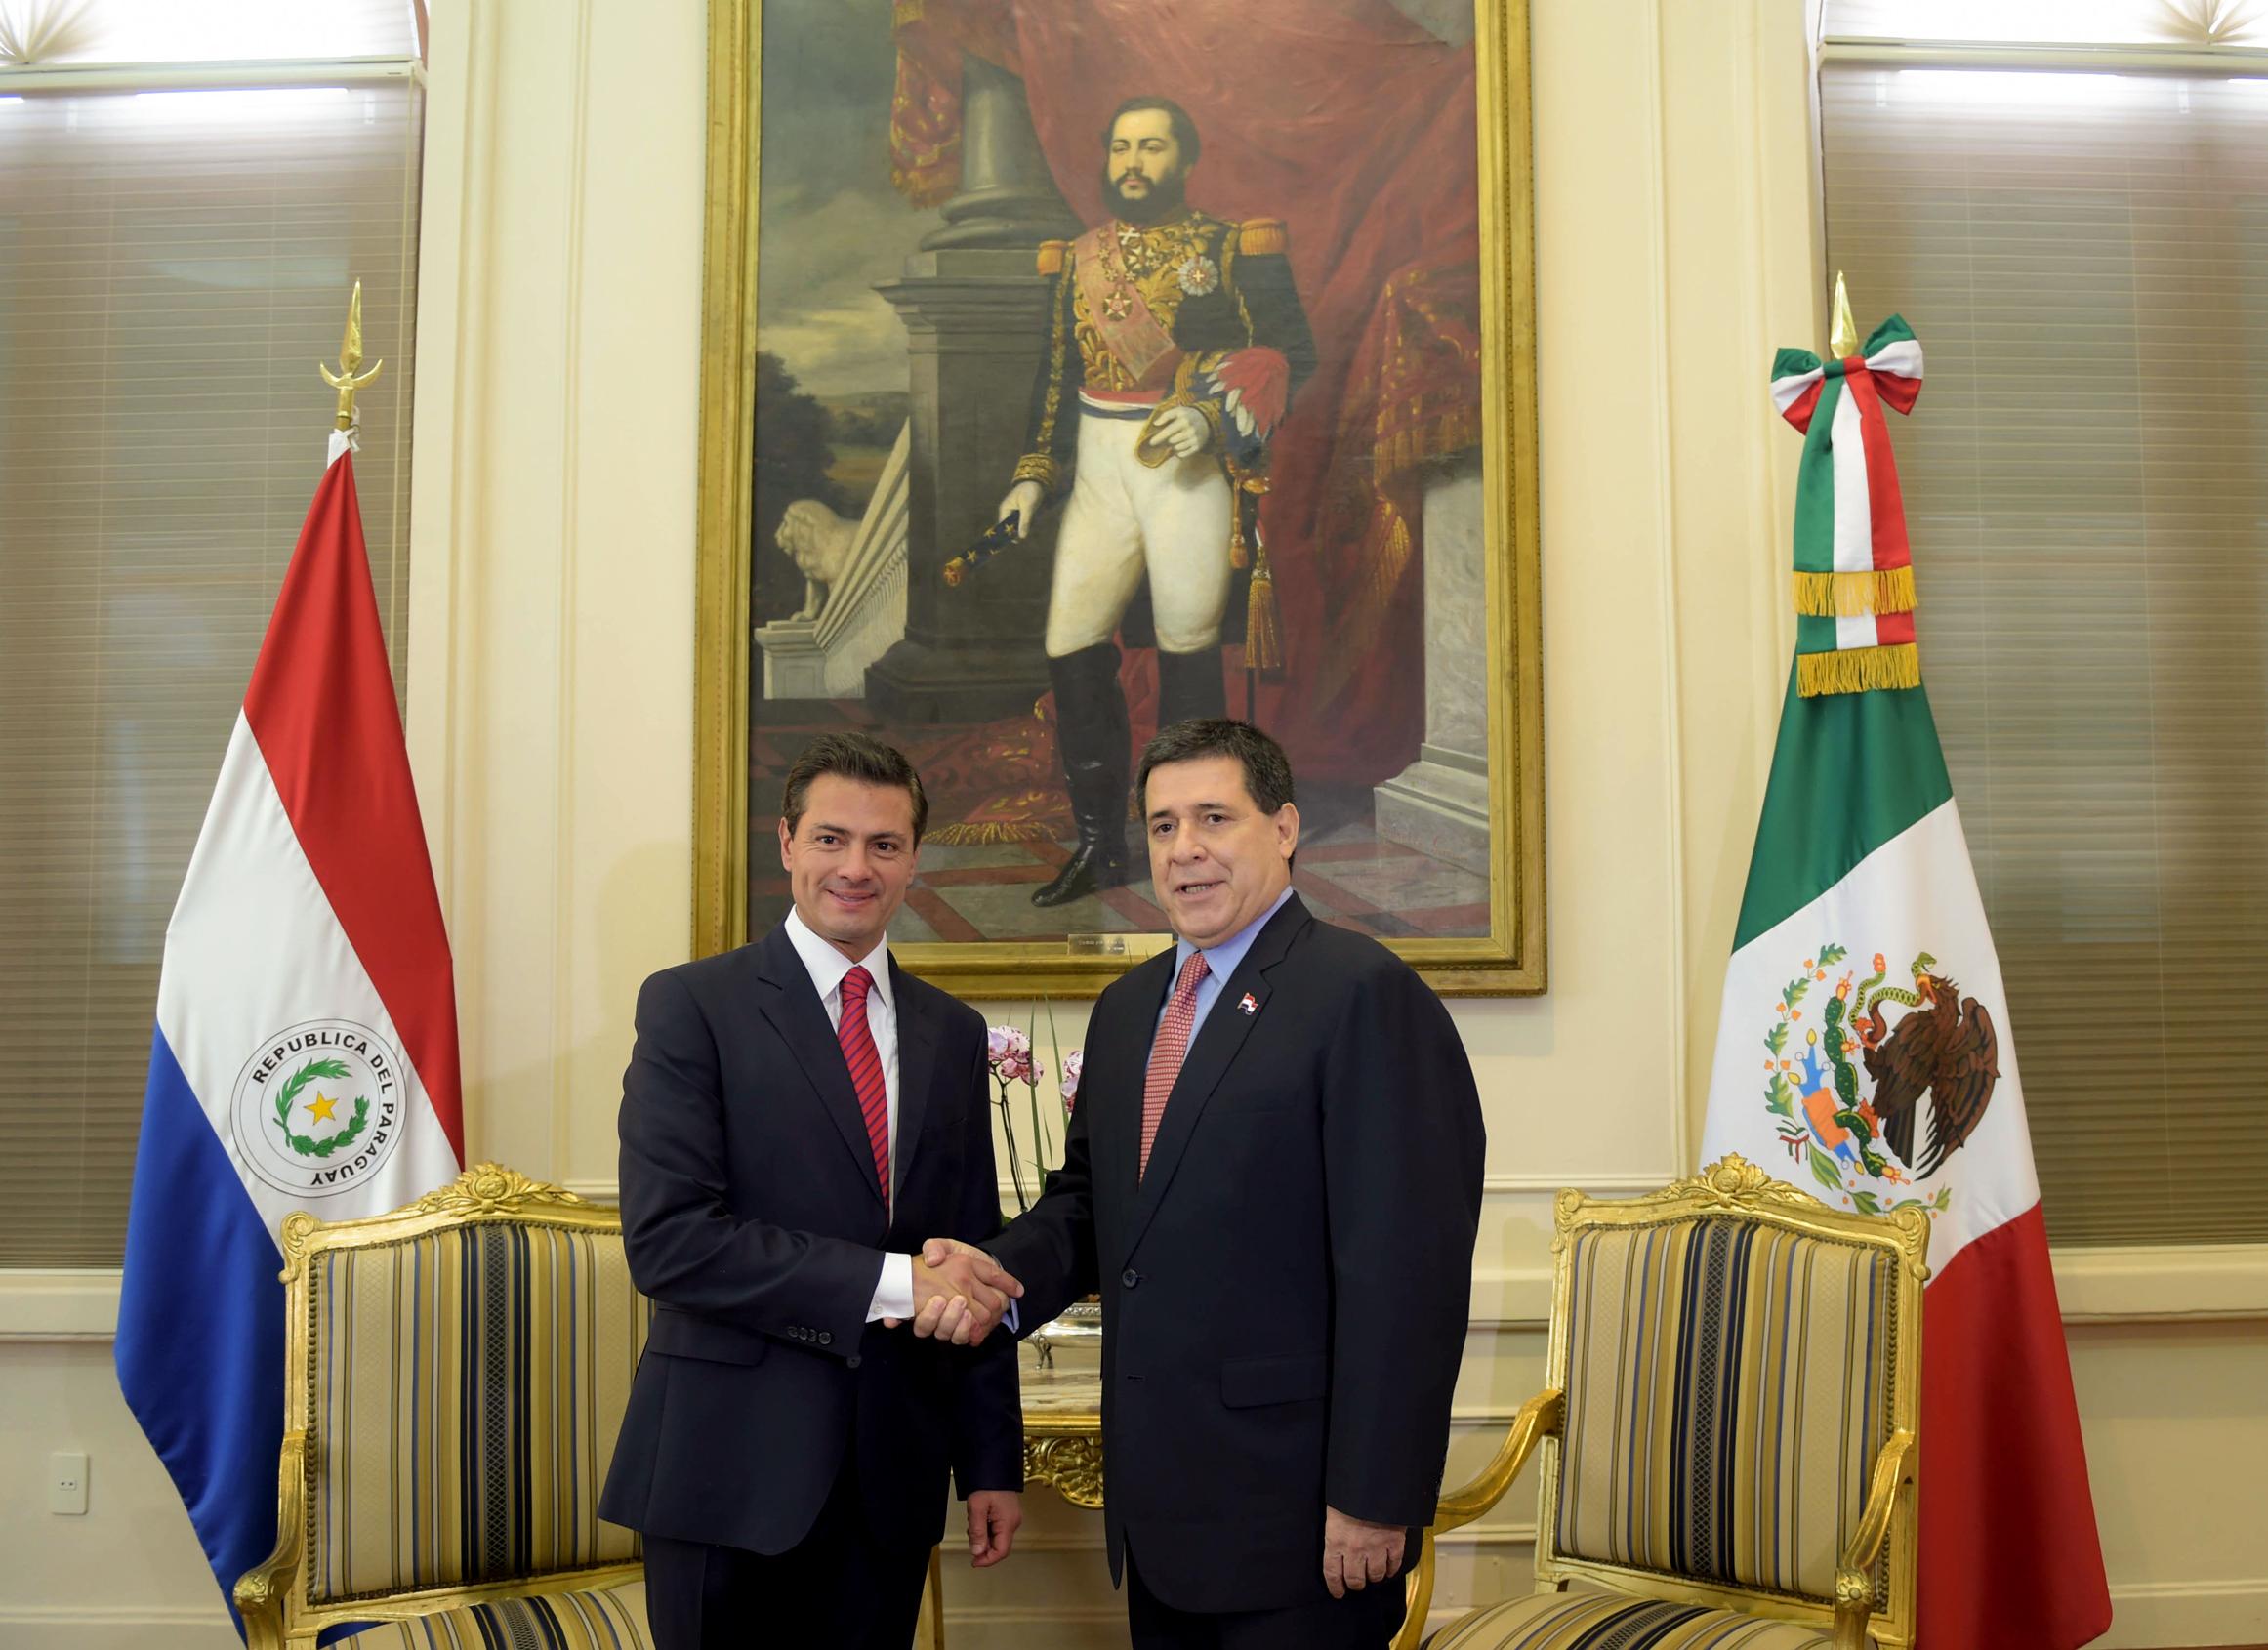 El Presidente de los Estados Unidos Mexicanos agradeció al Pueblo y al Gobierno de la República del Paraguay por la hospitalidad y las cortesías brindadas durante su estadía en este país.